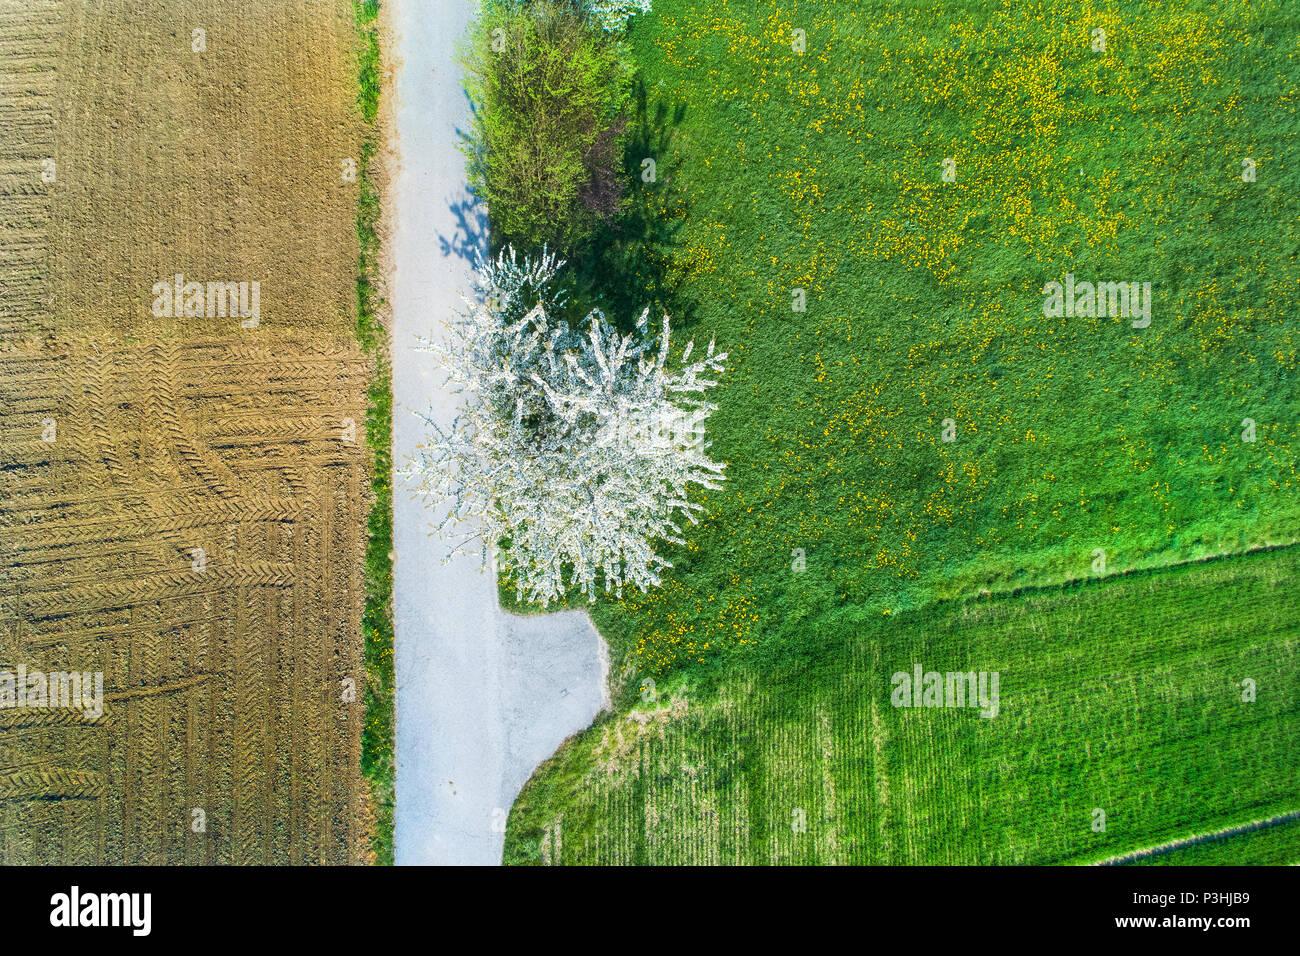 Kirschblüte, Bayern, Deutschland - Stock Image